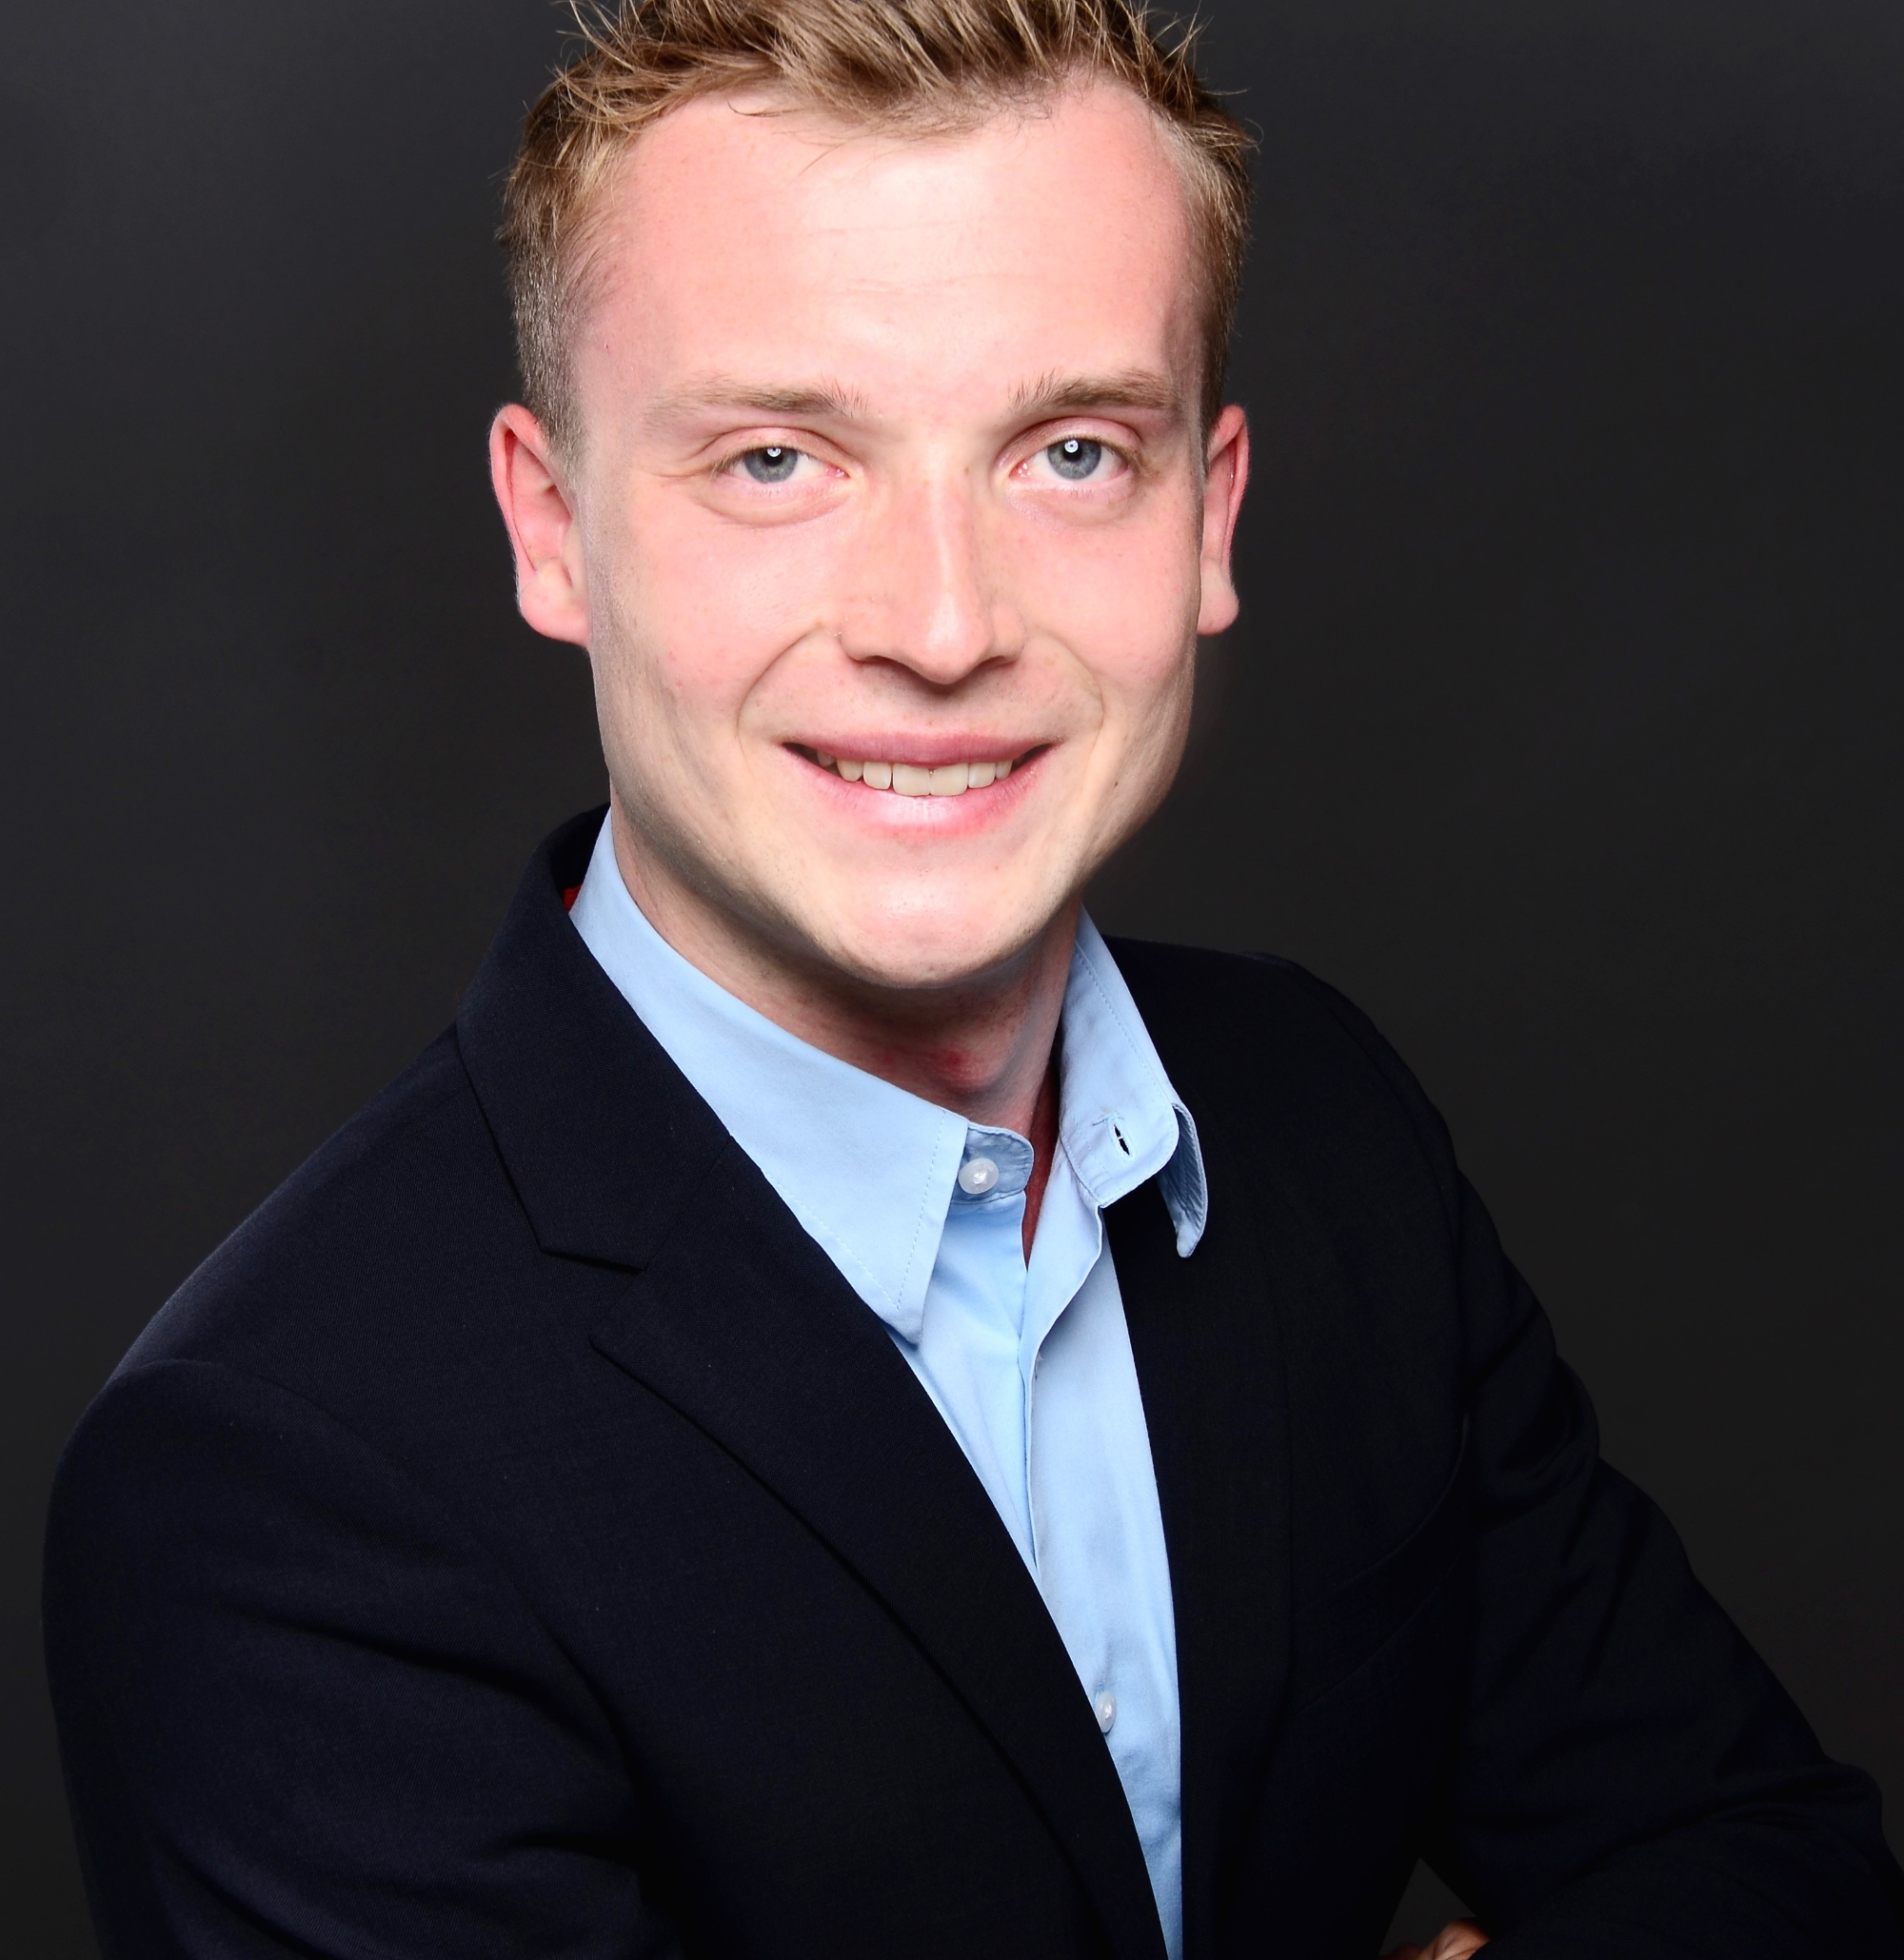 Marco Weippert